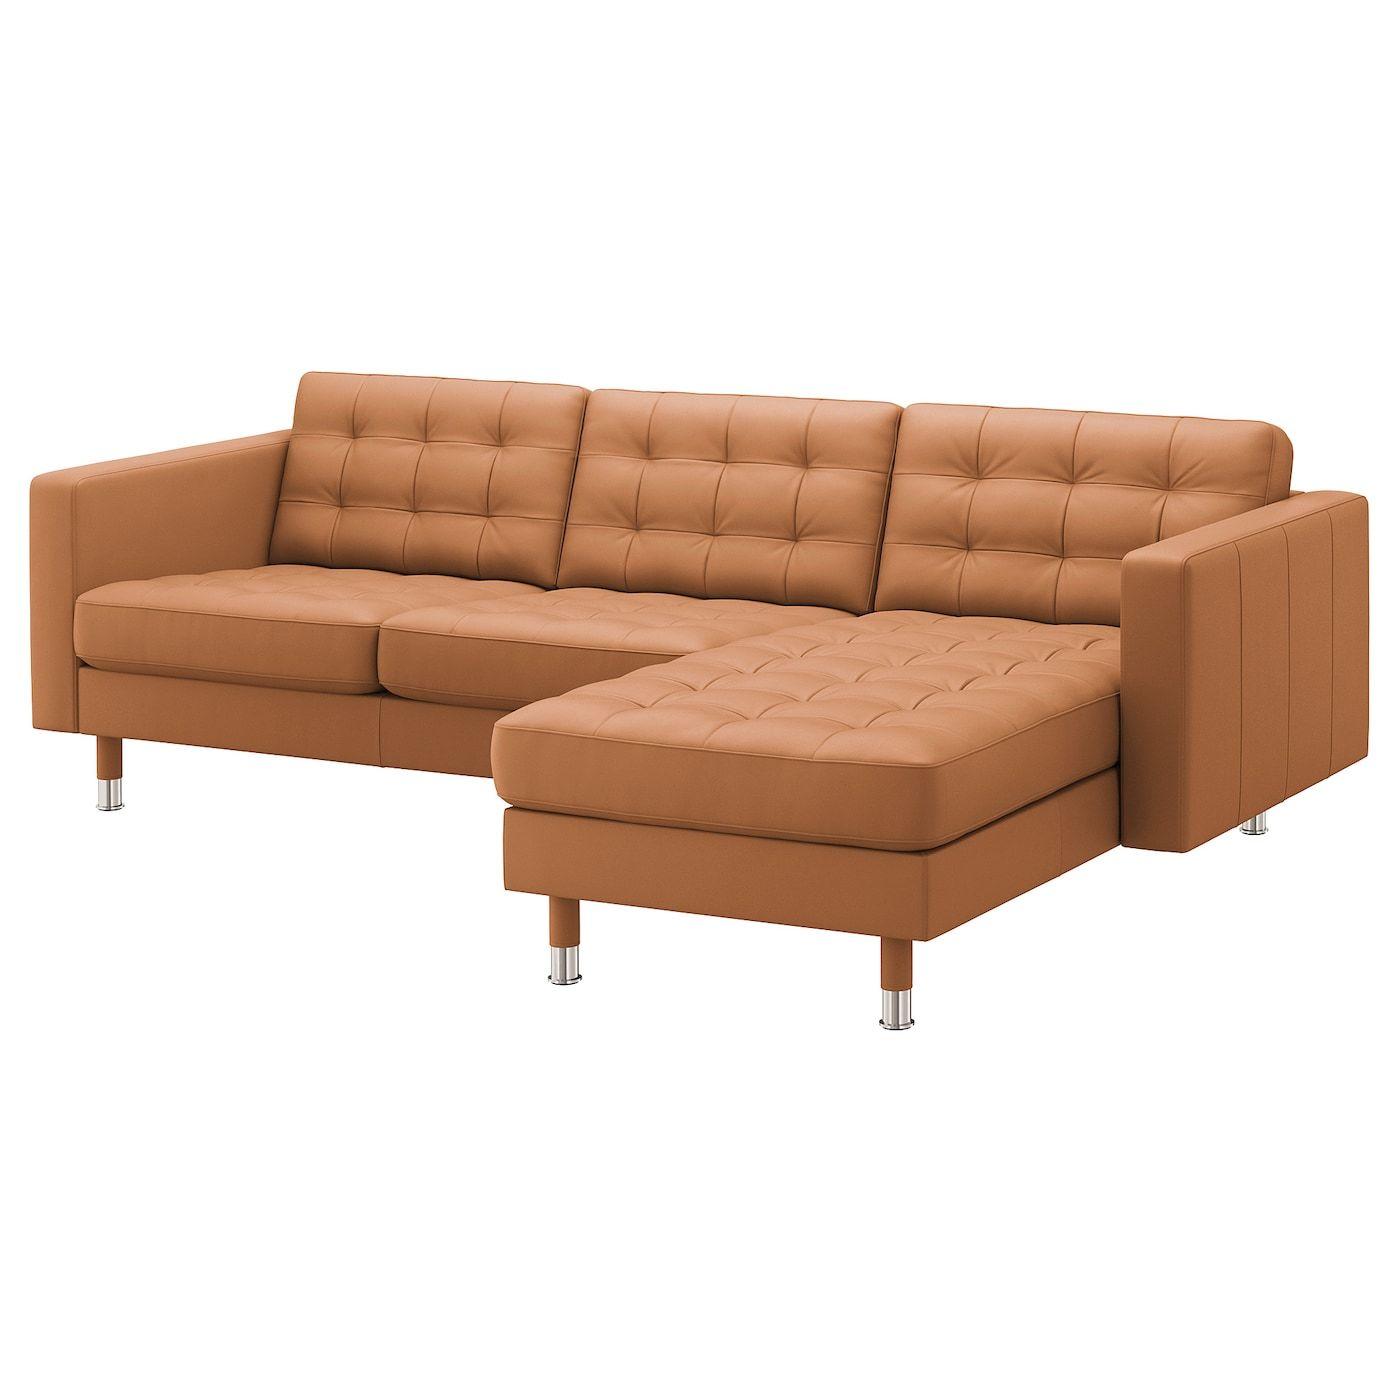 Mobilier Et Decoration Interieur Et Exterieur Kleine Bank Stoffen Bank Ikea